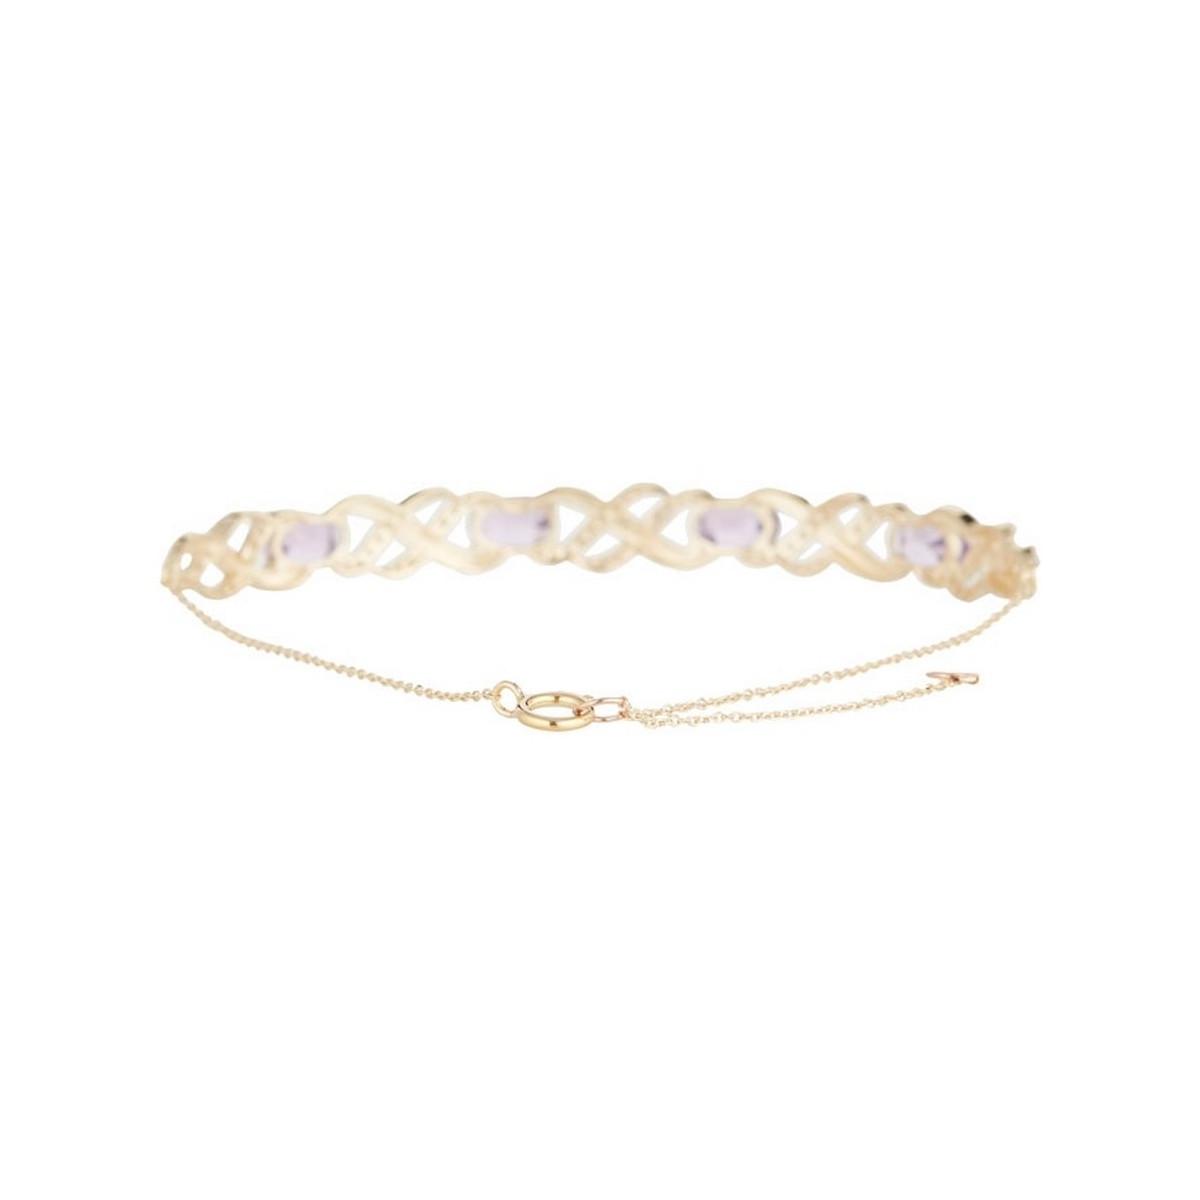 """Bracelet chaine Or Jaune """"LAUNCESTON"""" Diamants 0,42 carat et Améthyste 2,8 carat"""